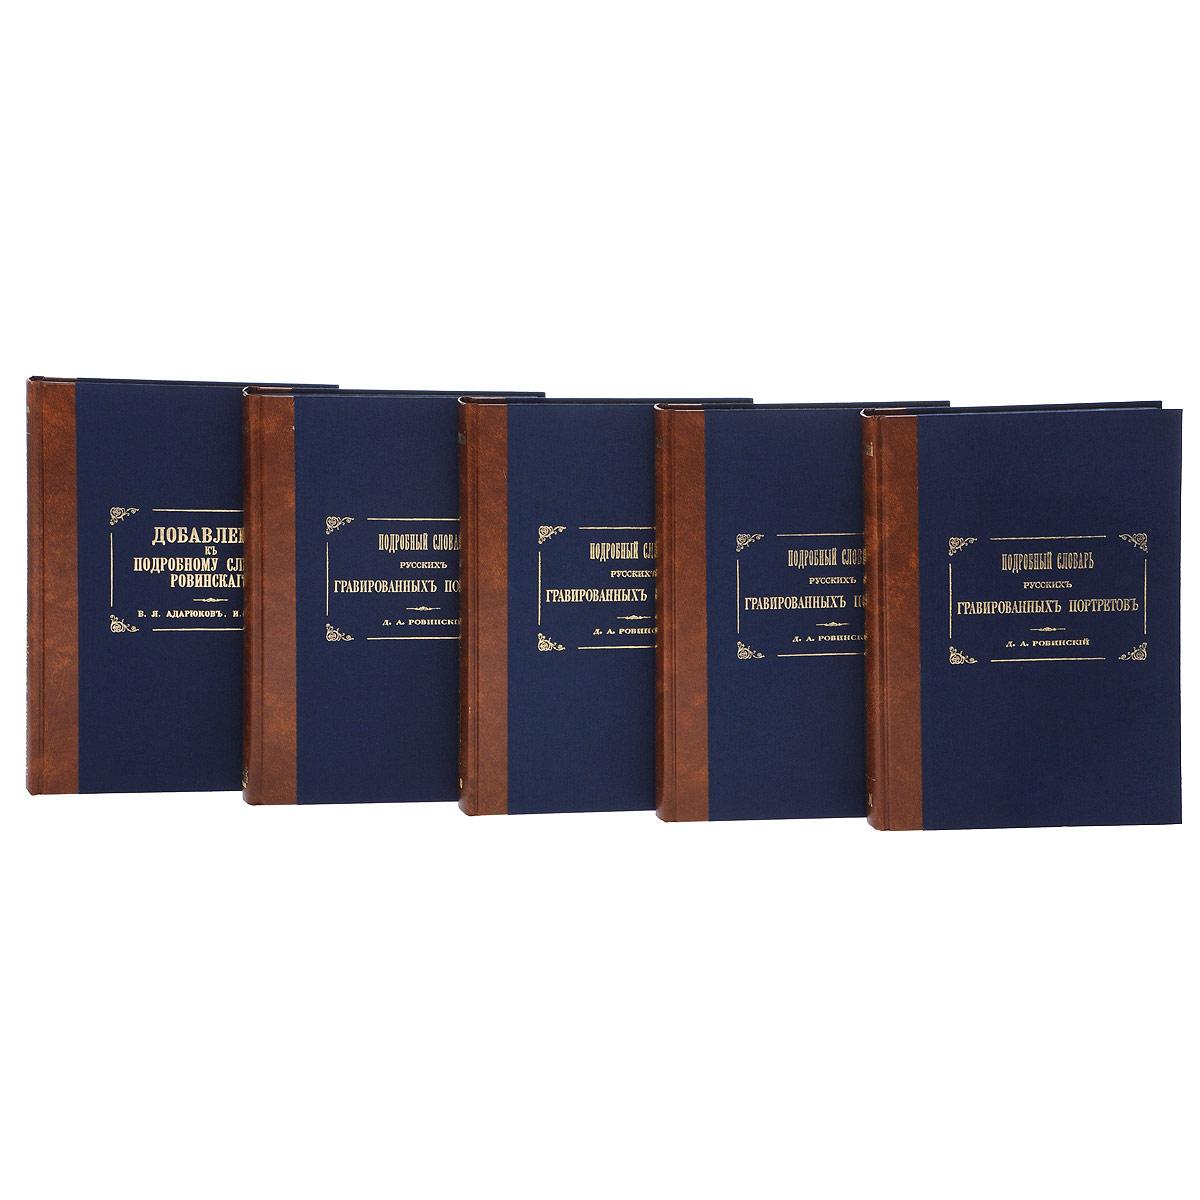 Подробный словарь русских гравированных портретов. В 5 томах (комплект из 5 книг)